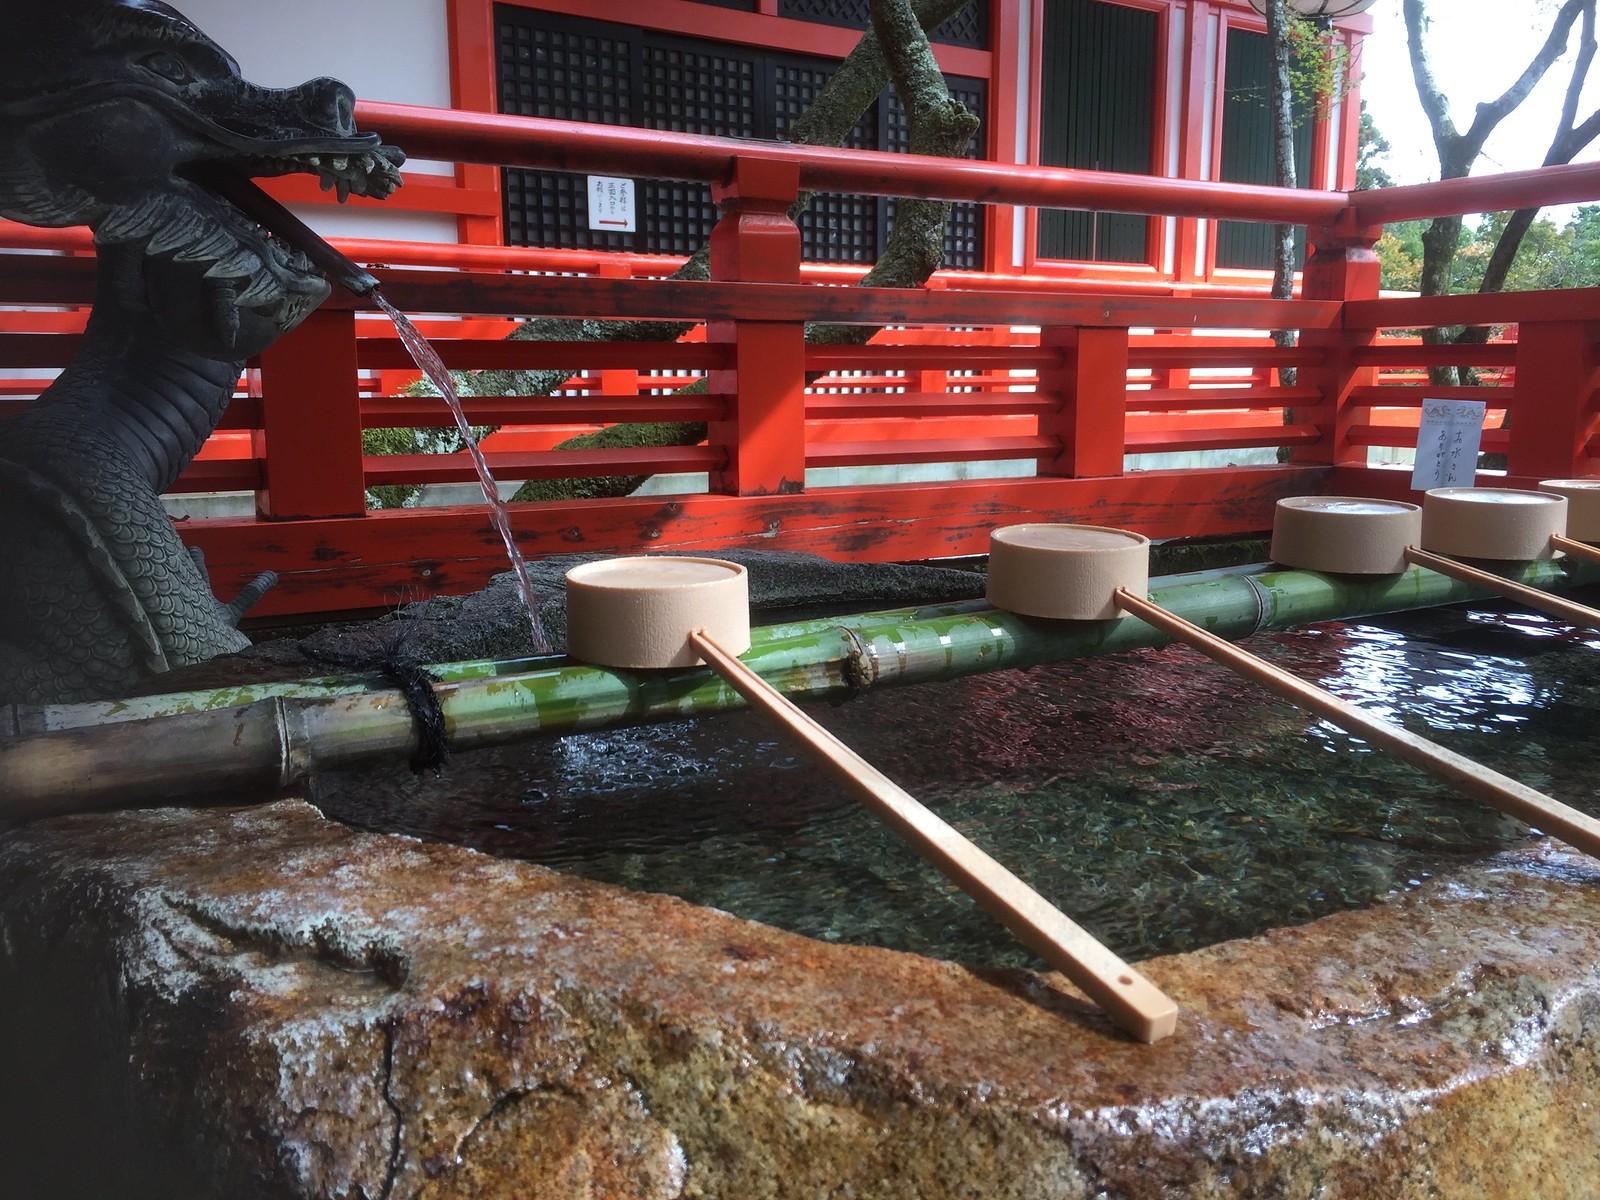 reinigend water bij een tempel